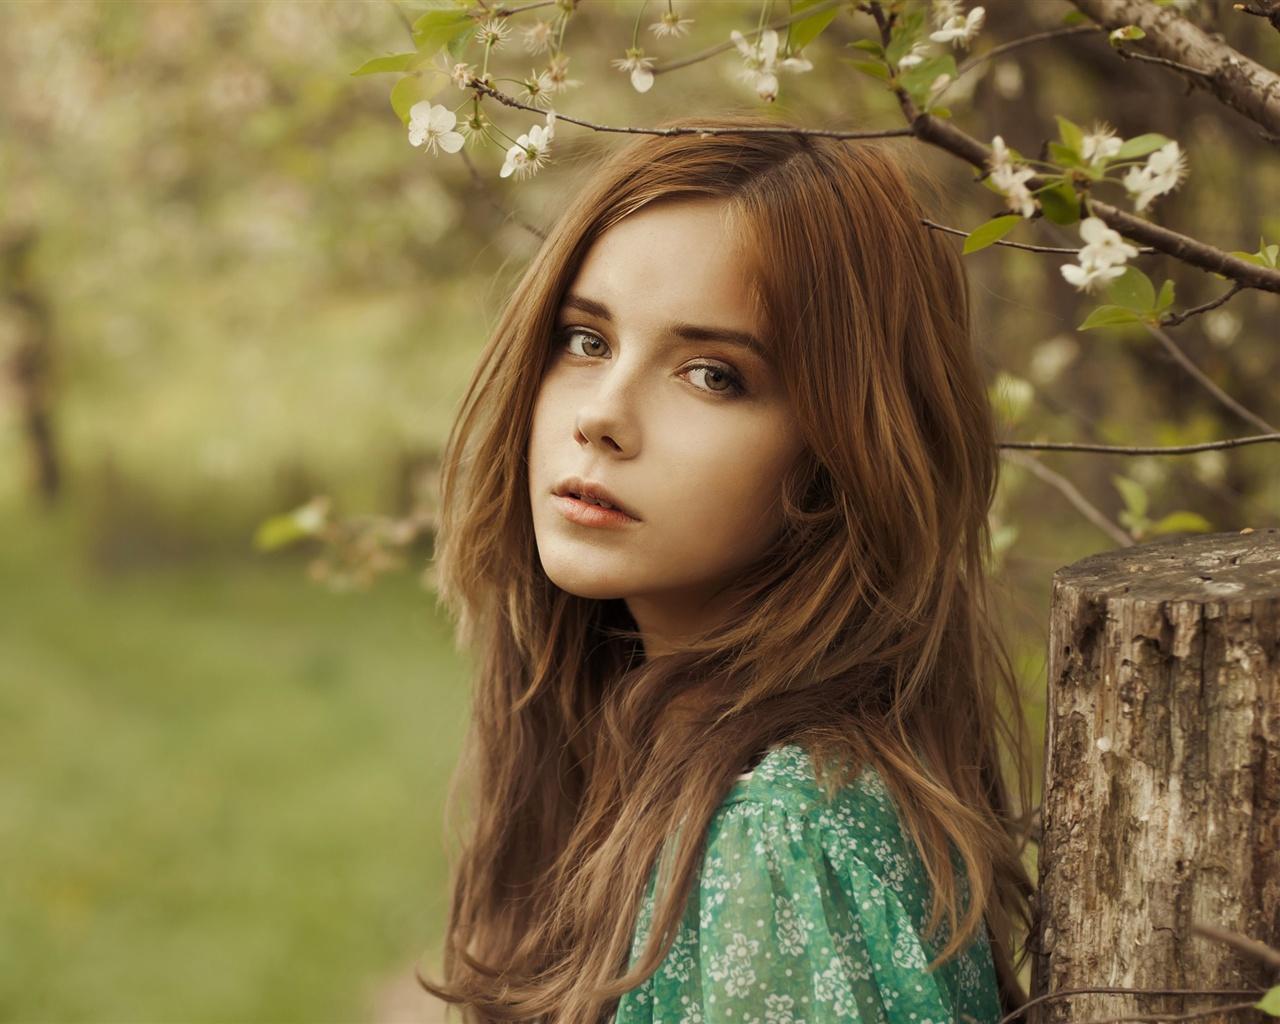 pt.best-wallpaper.net/wallpaper/1280x1024/1307/Beautiful-brown-hair-girl-in-the-forest_1280x1024.jpg